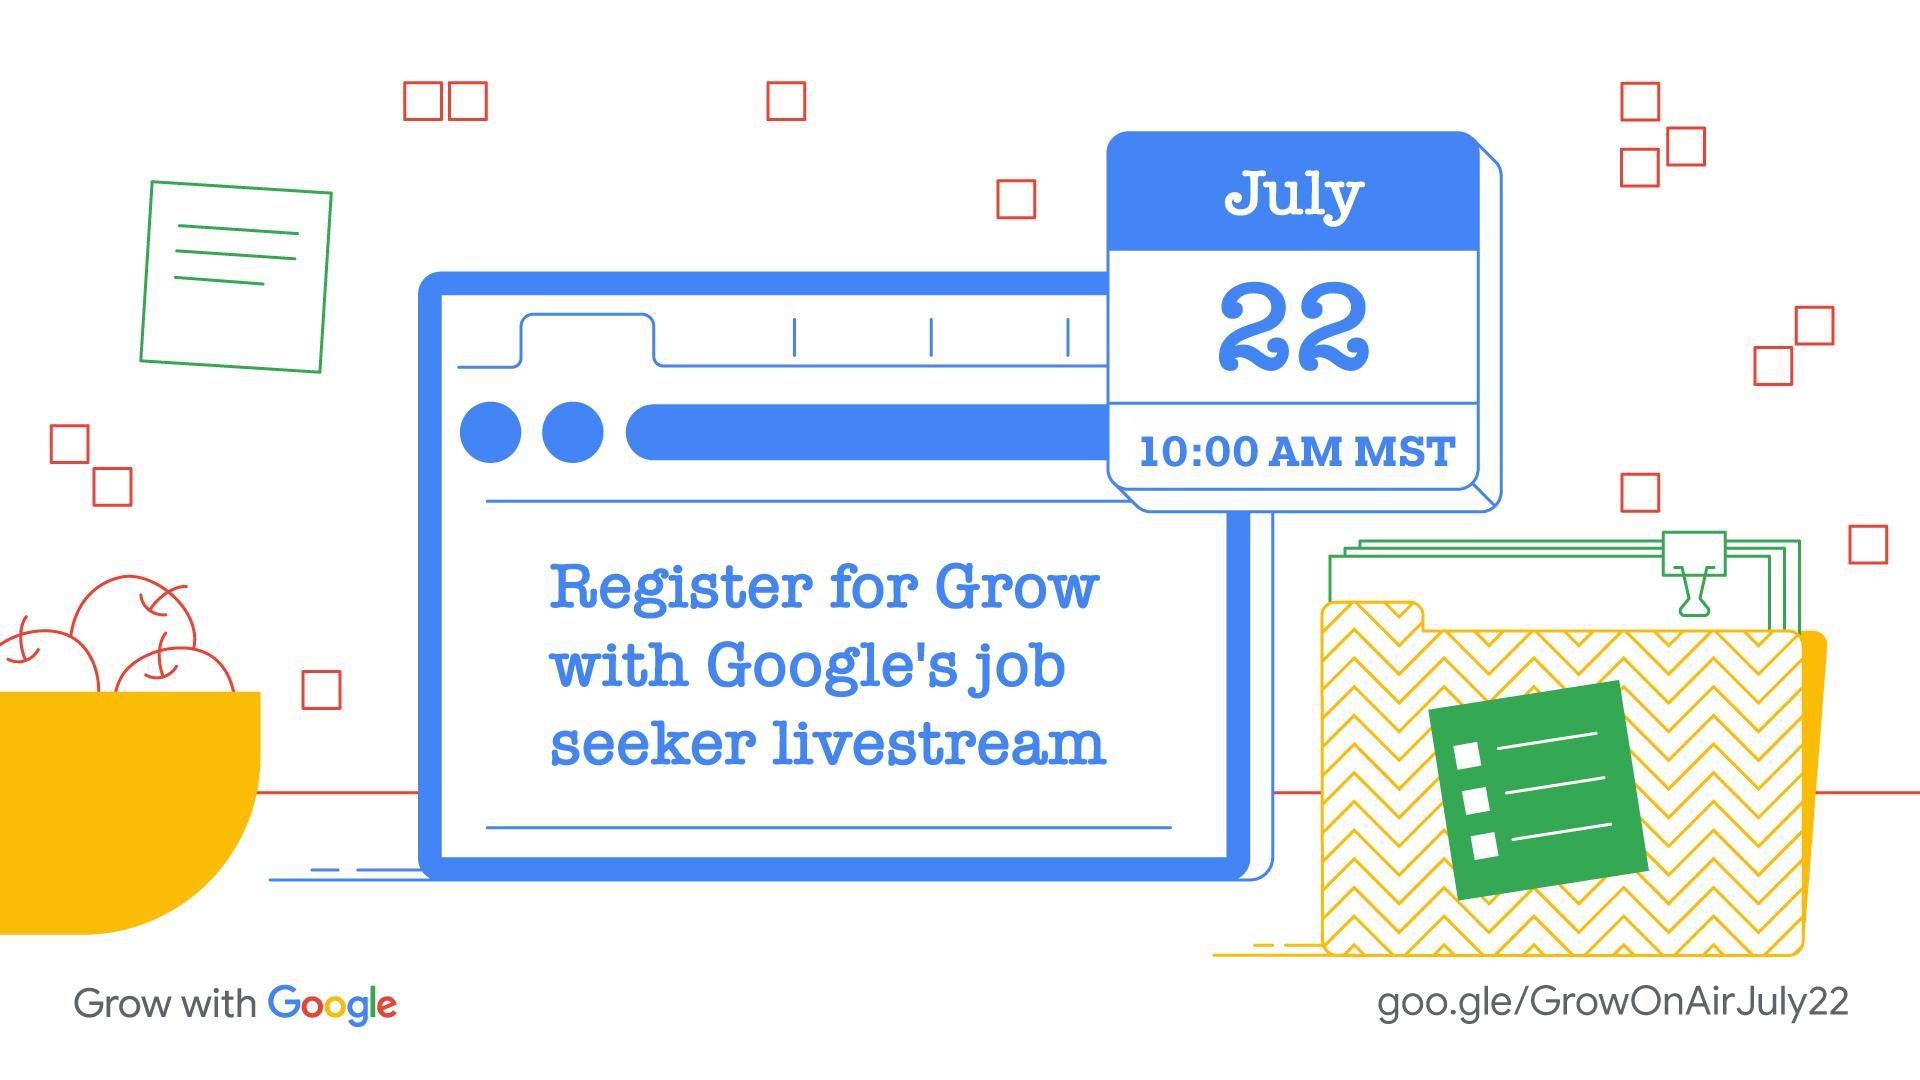 google job webinar